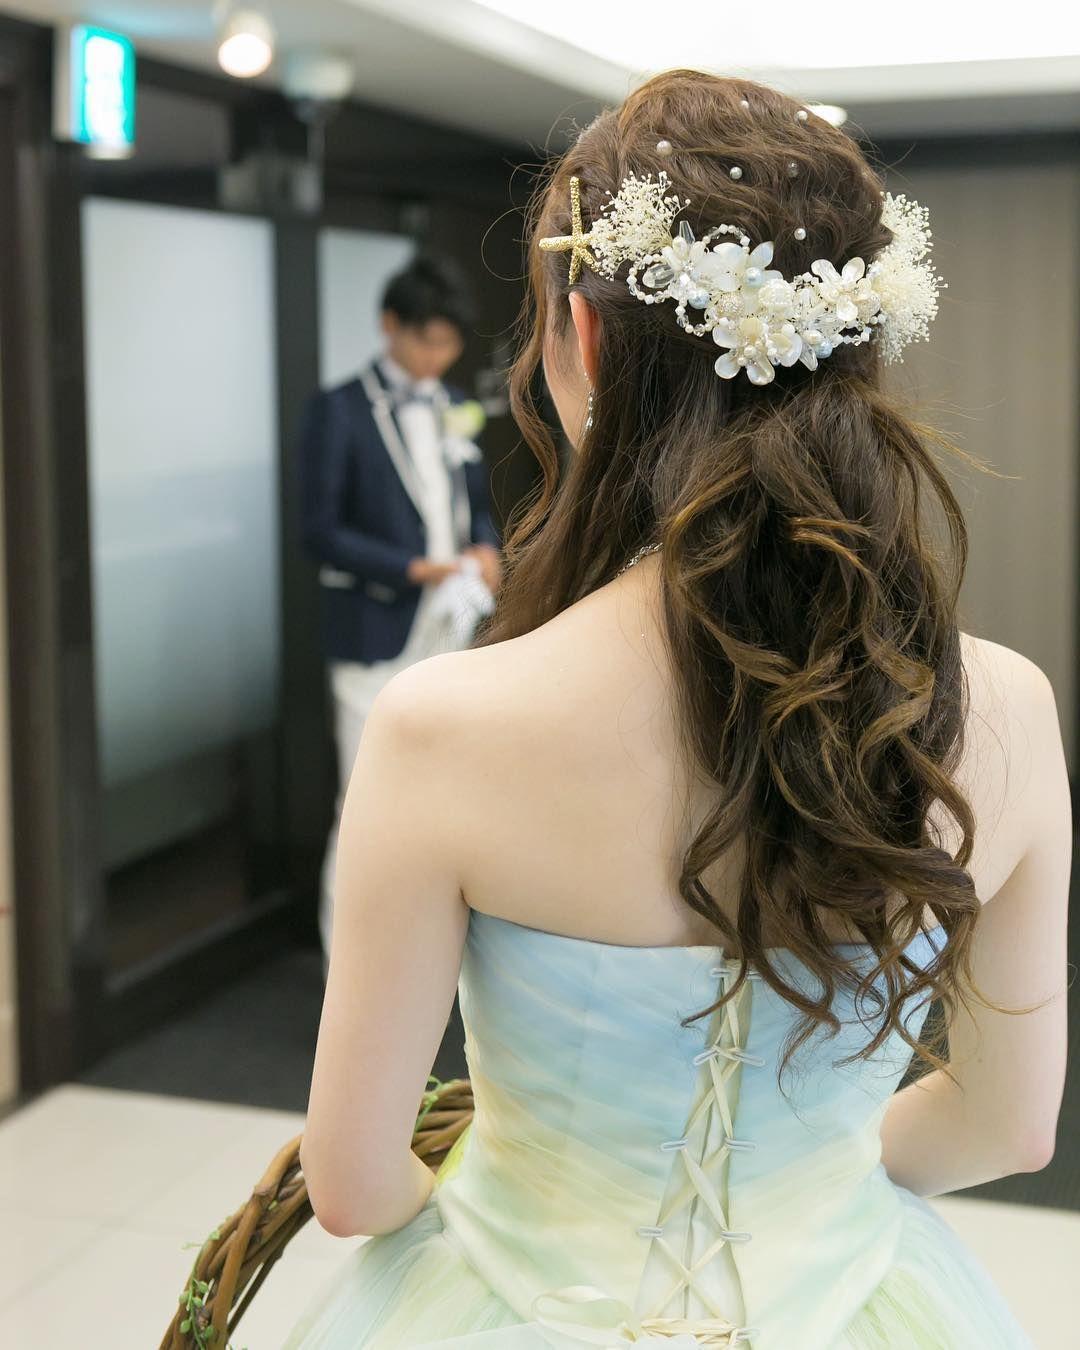 お色直しヘアに大人気 ハーフアップ ハーフ花冠 のブライダルヘアが可愛すぎ Marry マリー ブライダルヘア お色直し 髪型 花嫁